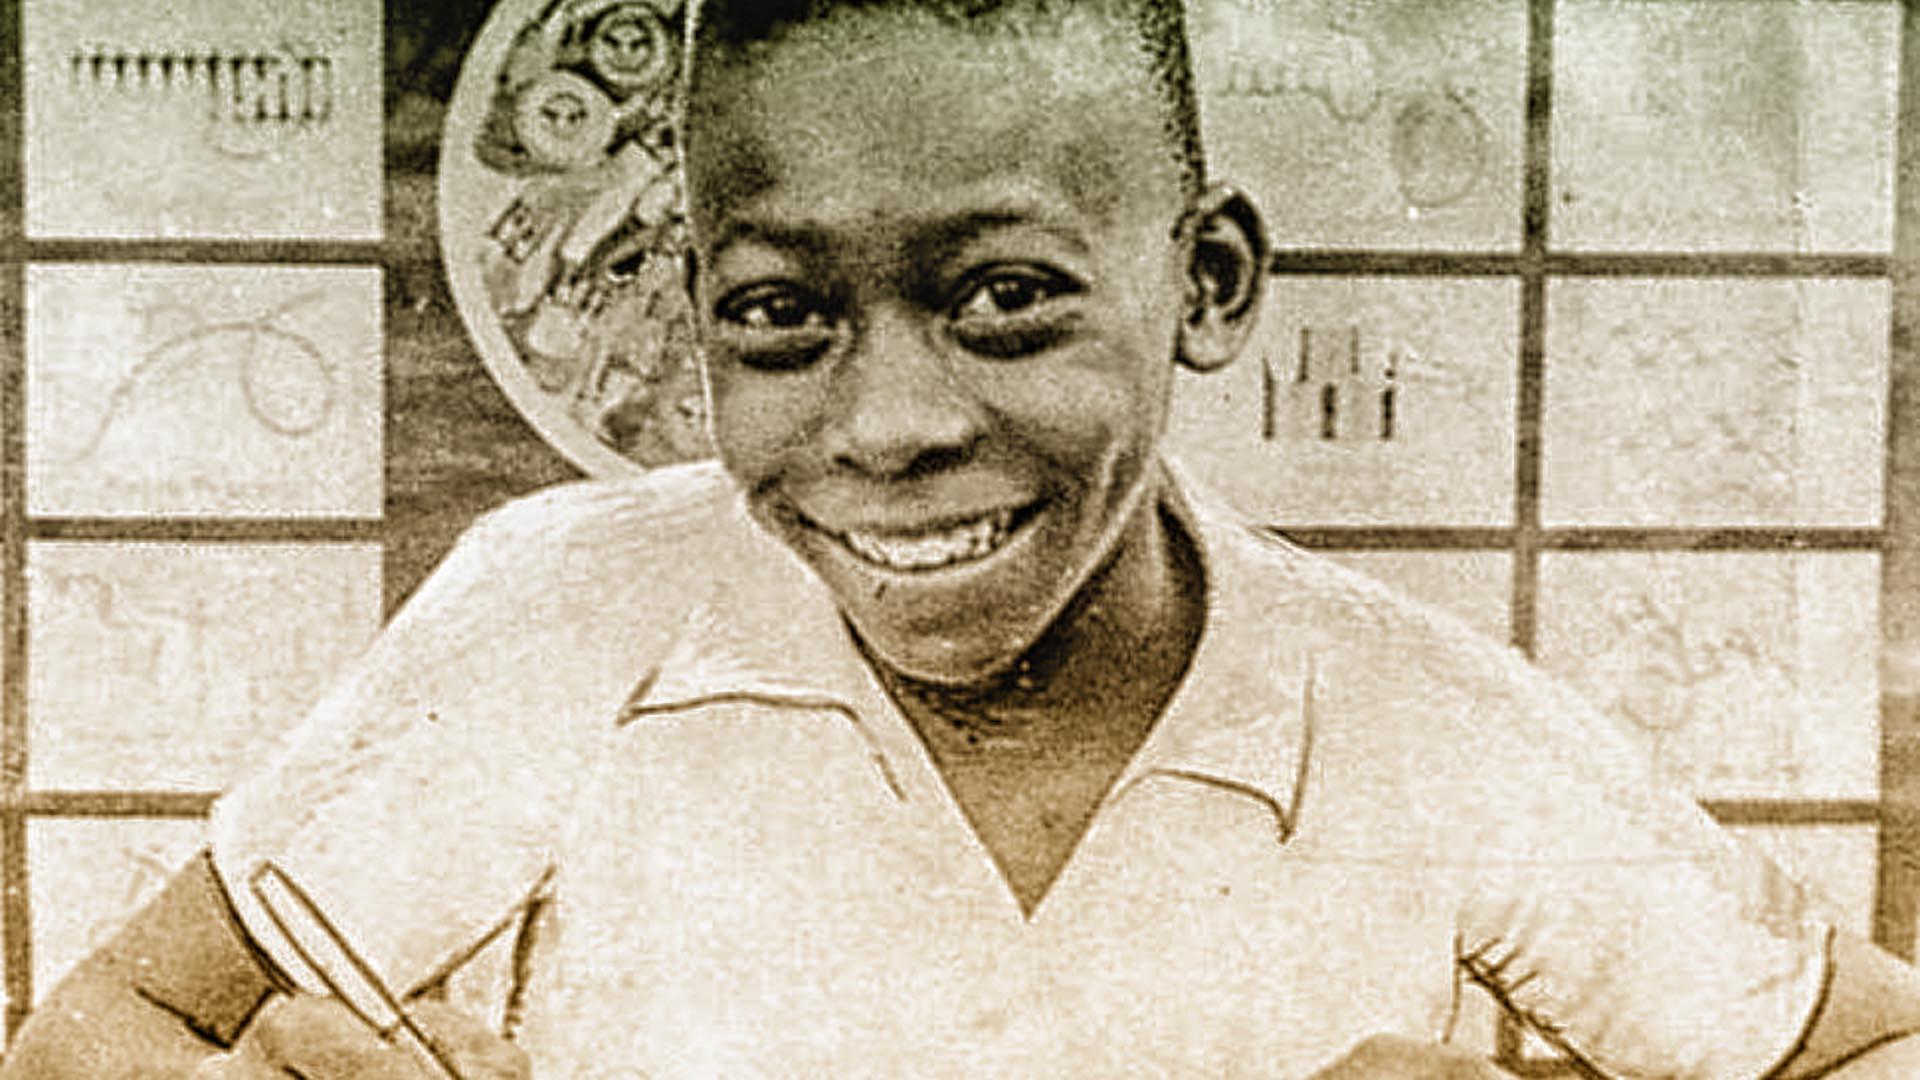 Los 80 años de 'O Rei' Pelé - AS.com